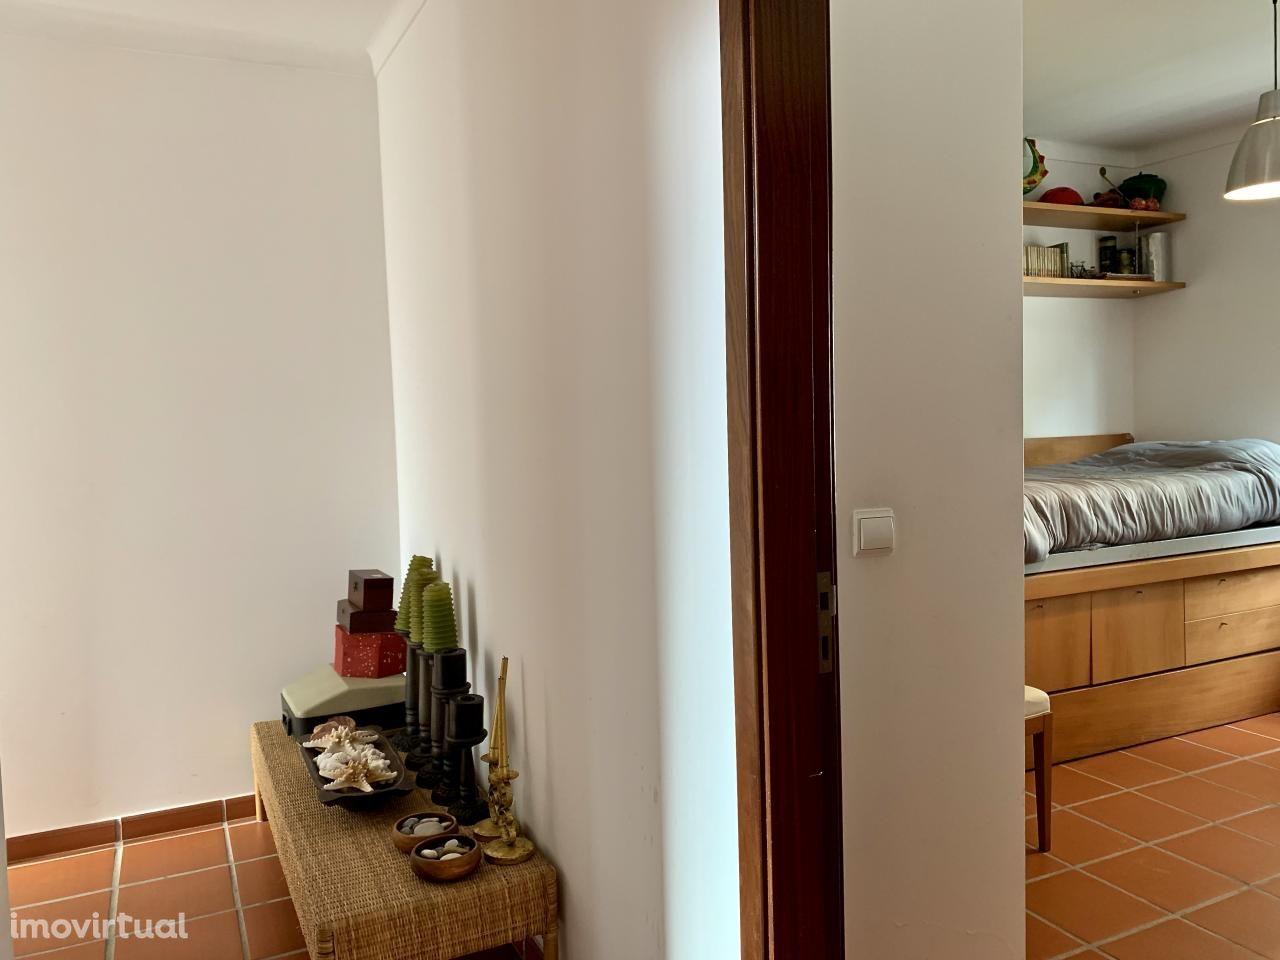 Apartamento para comprar, Amoreira, Óbidos, Leiria - Foto 13